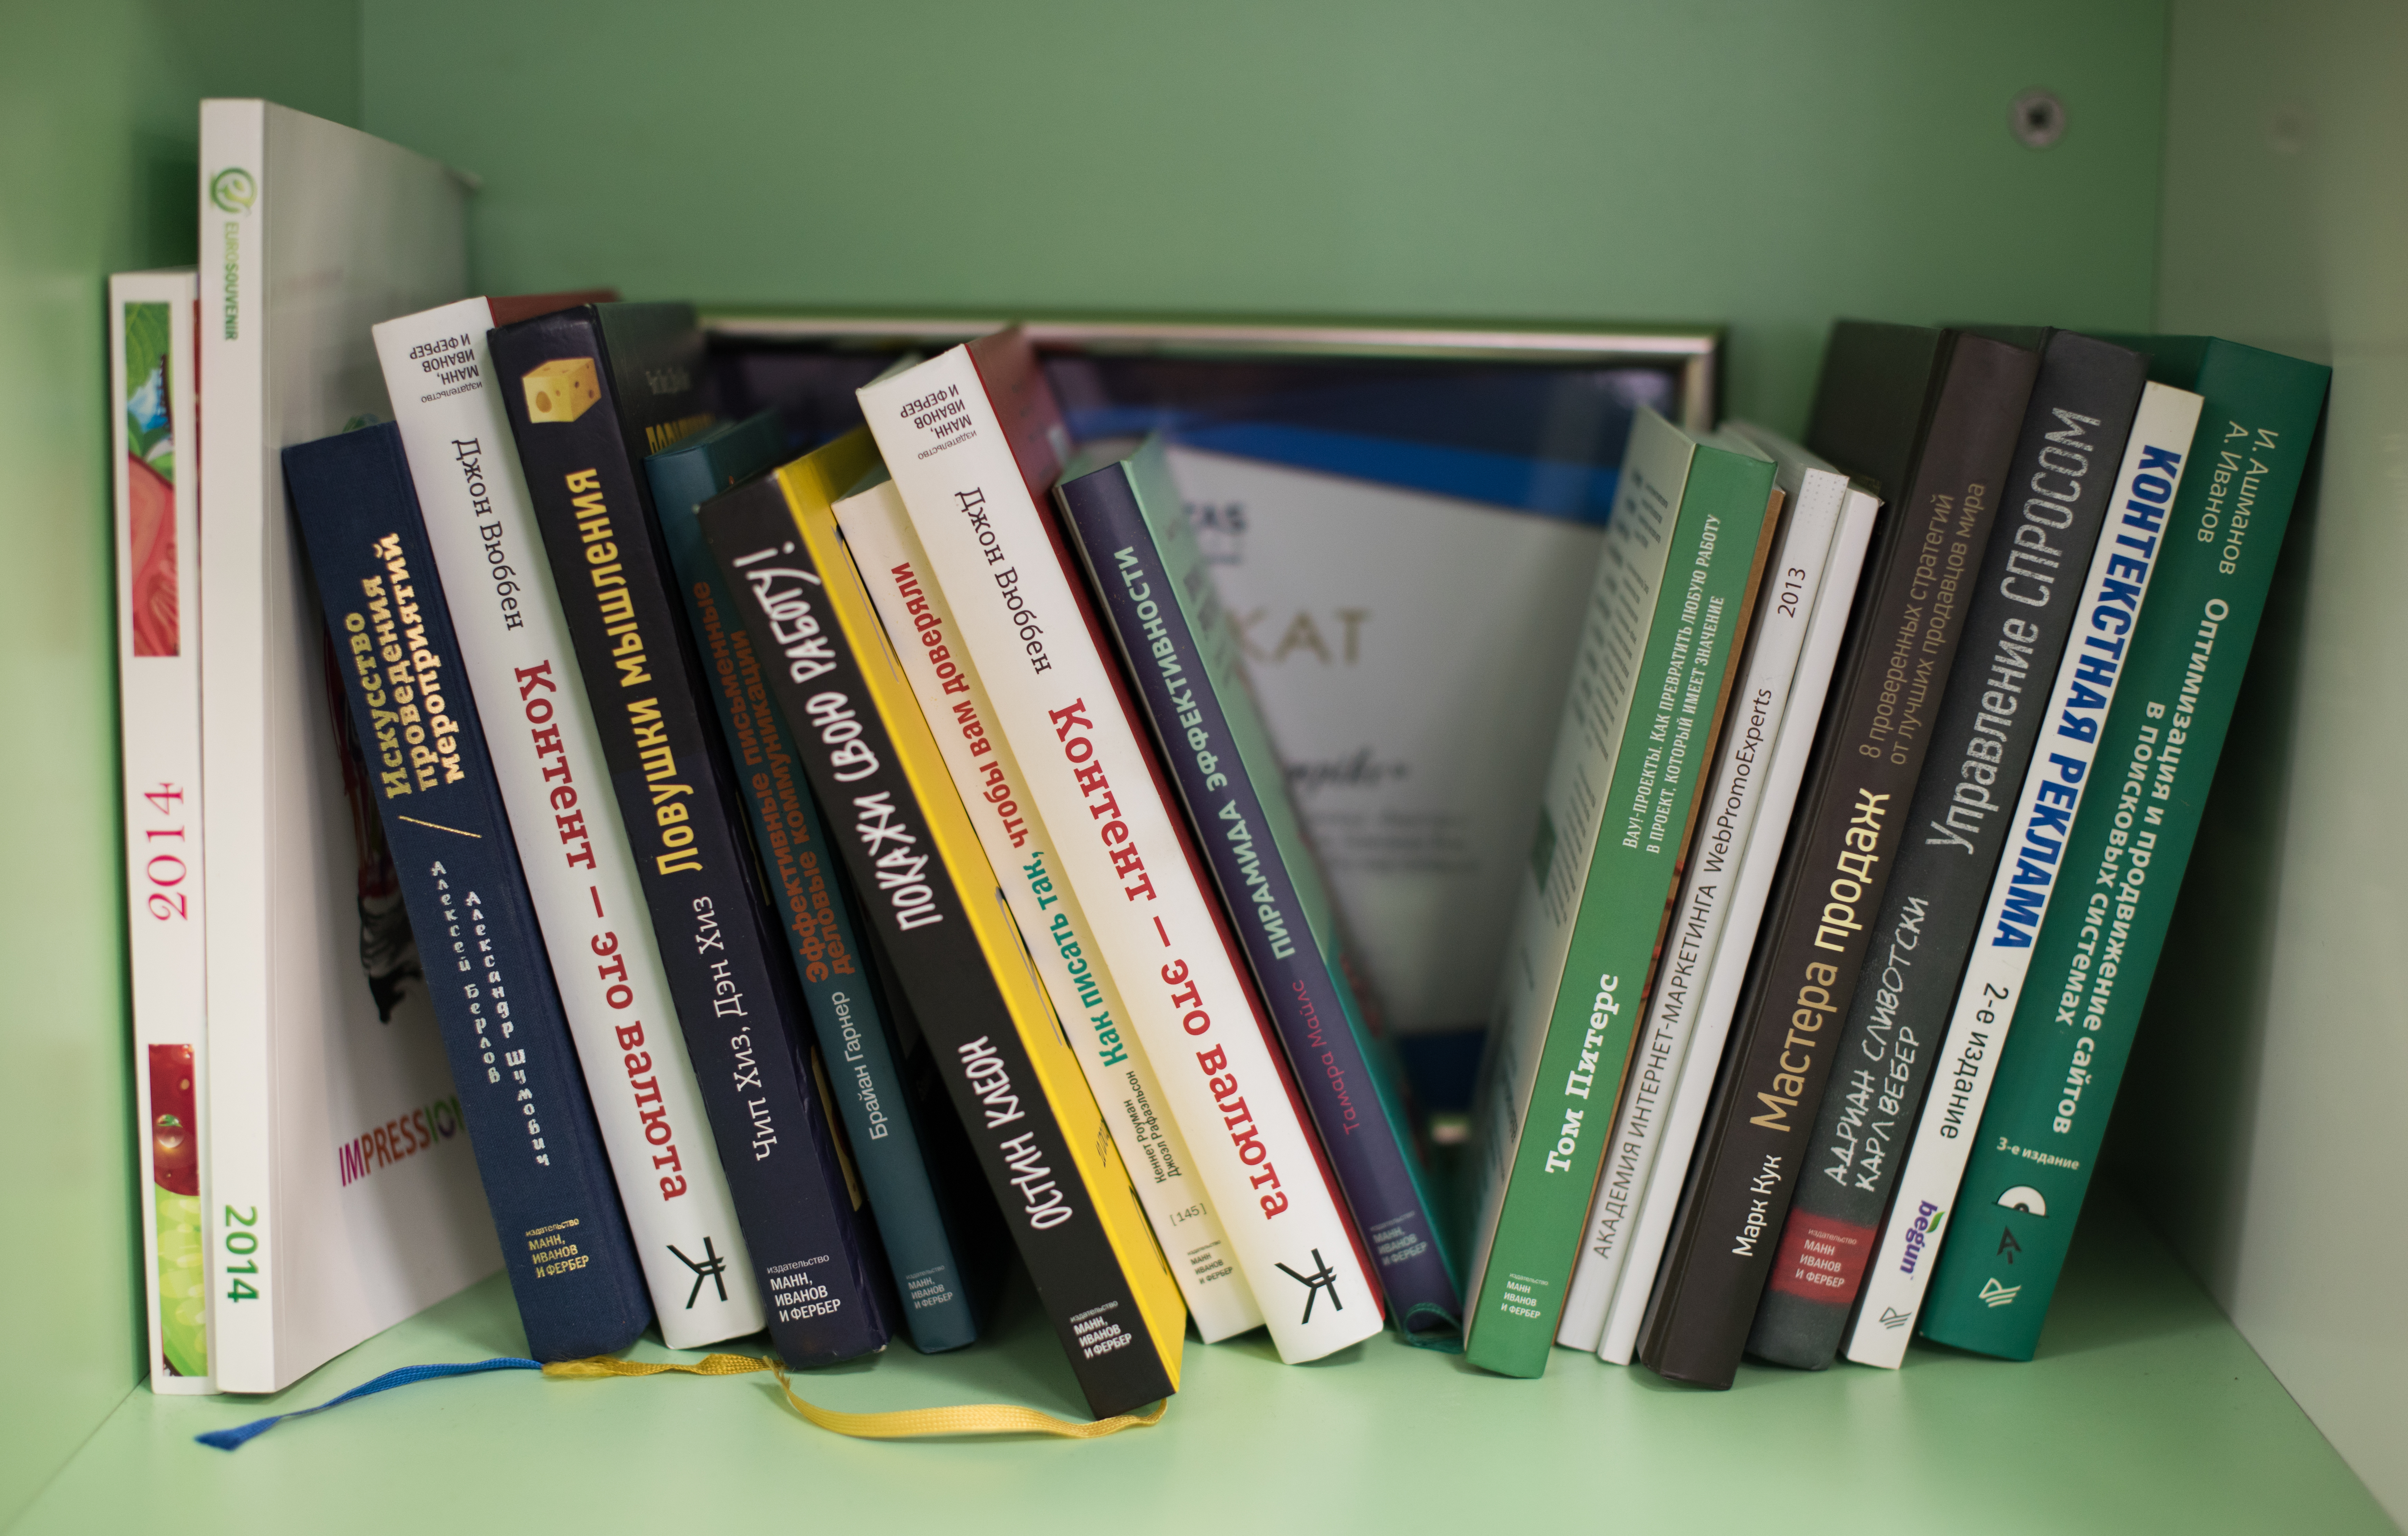 Лайфхаки по чтению книг для начинающих руководителей от Дмитрия Суслова